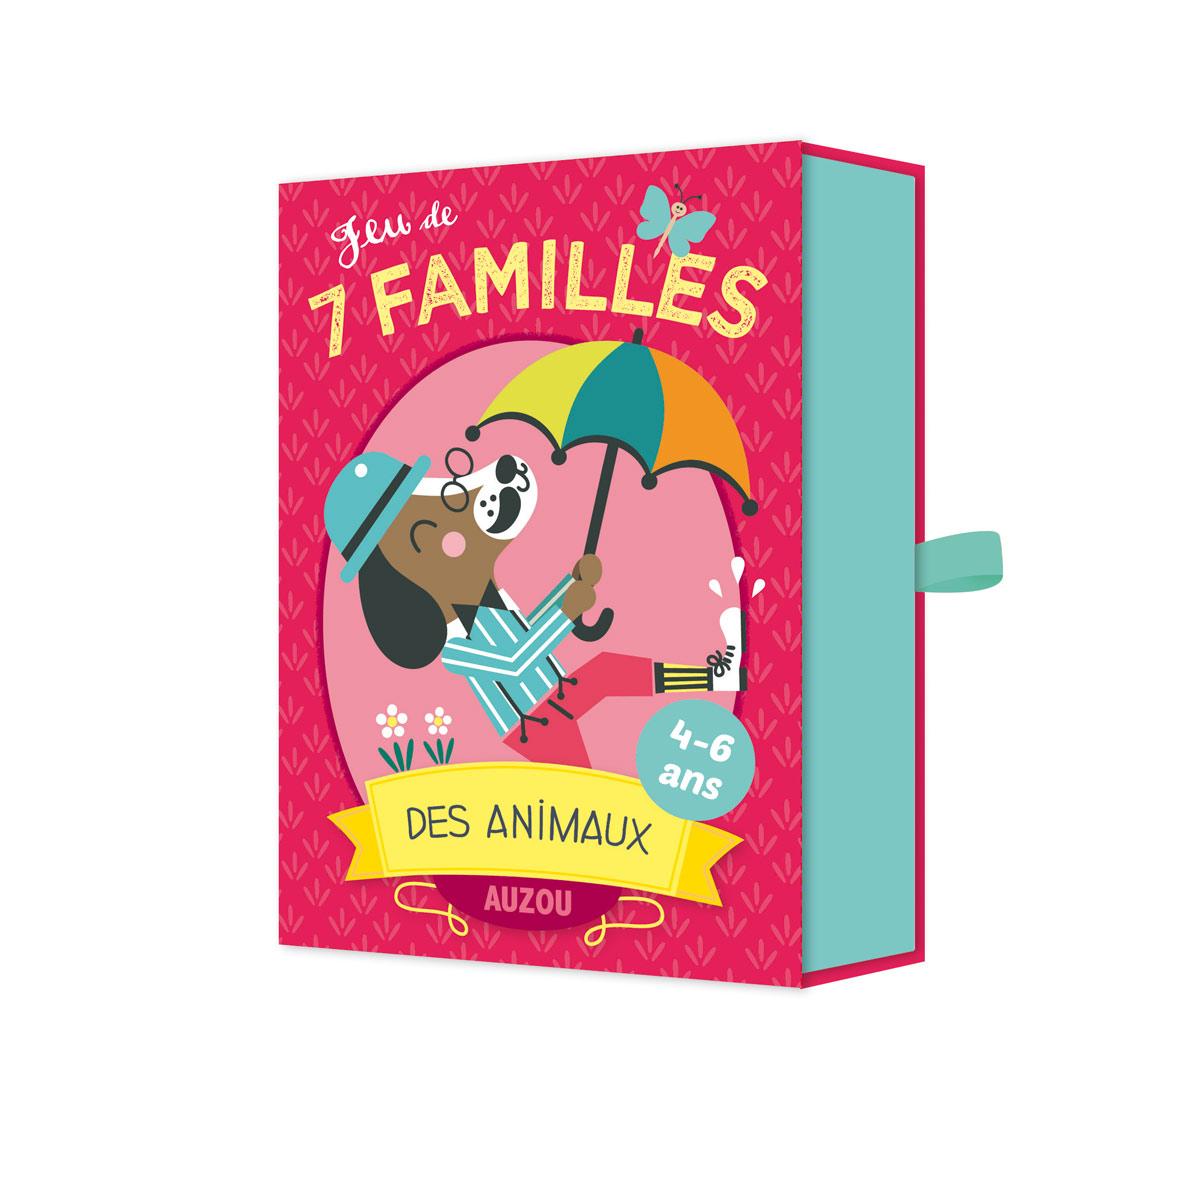 Jeu De 7 Familles Des Animaux intérieur Ce Soir On Joue En Famille 3